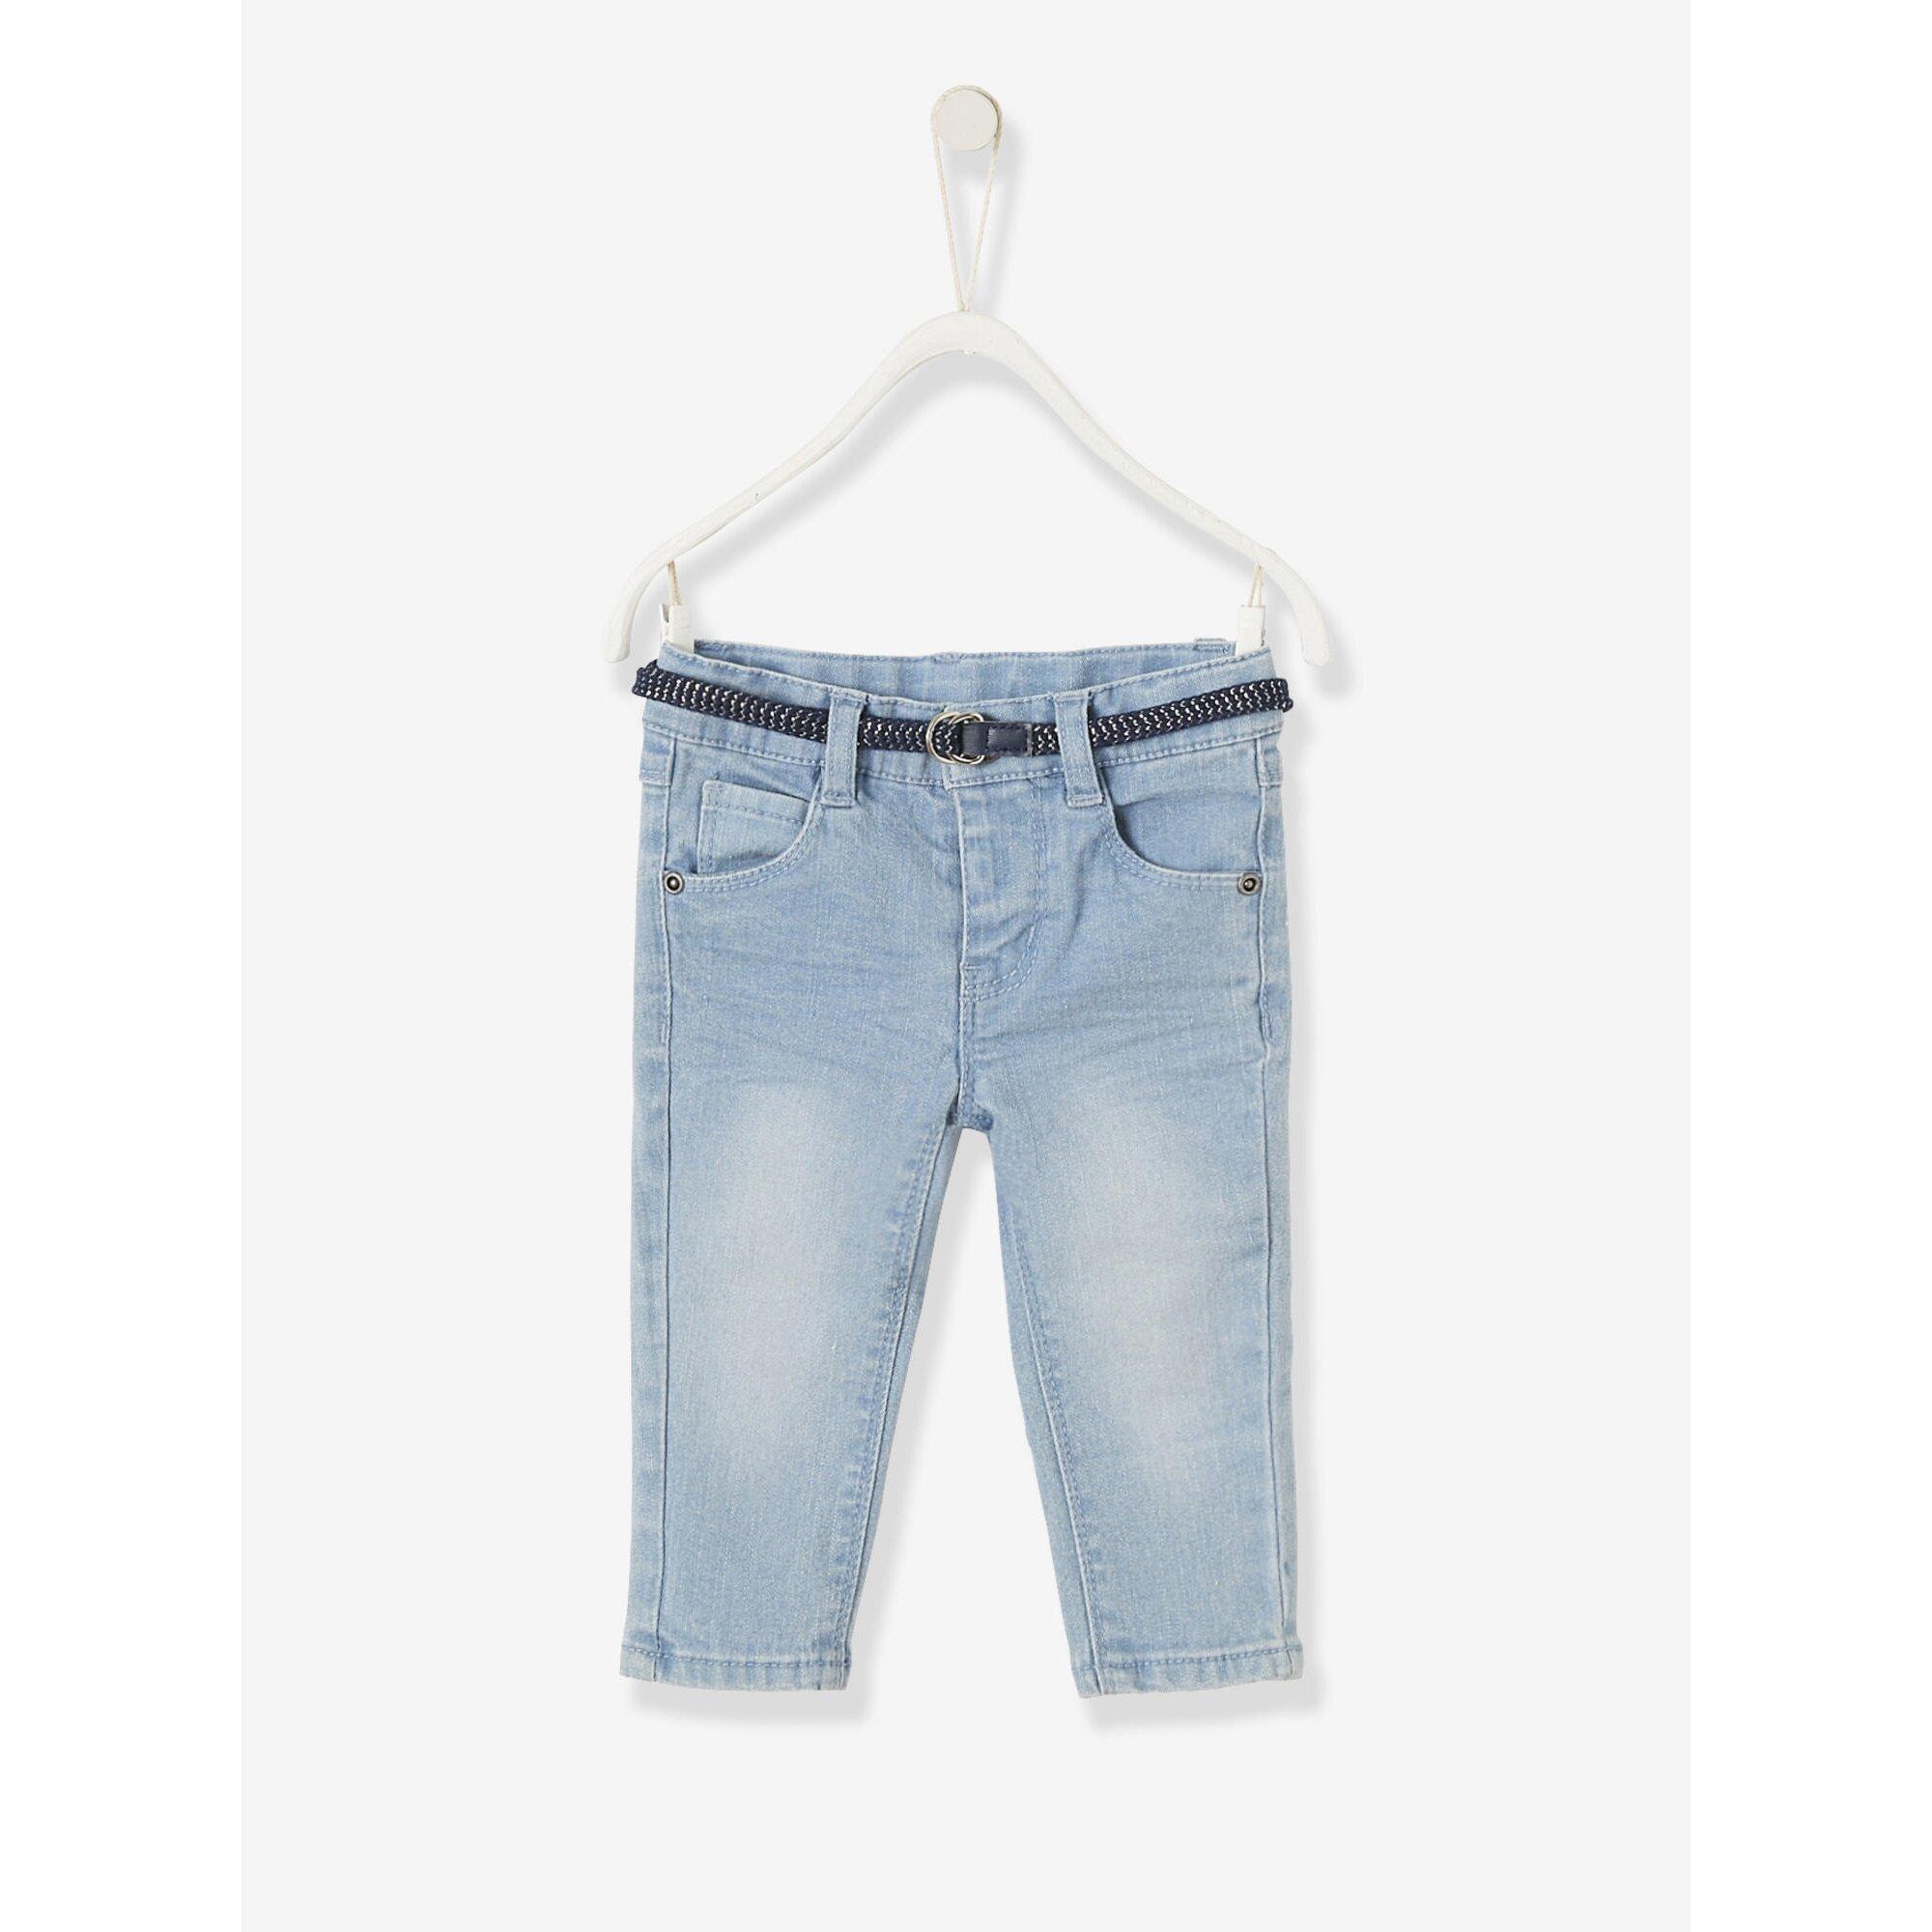 Vertbaudet Slim-Fit-Jeans Baby Mädchen, Glitzergürtel